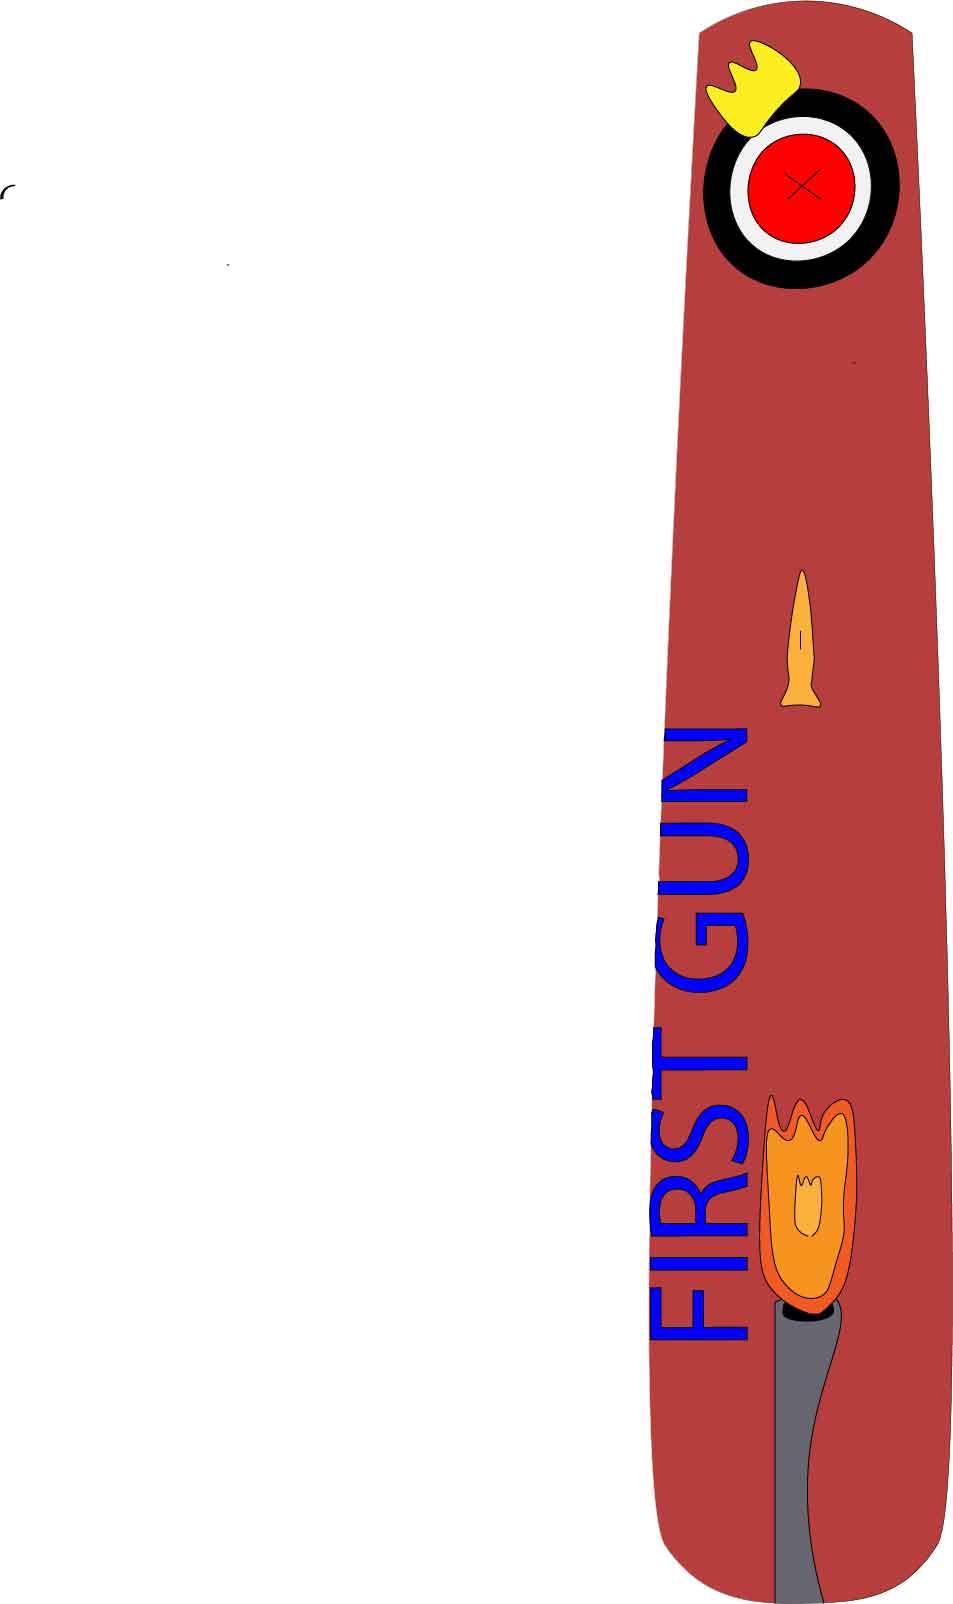 Дизайн принта досок для водных видов спорта (вейк, кайт ) фото f_581587497ed571a8.jpg